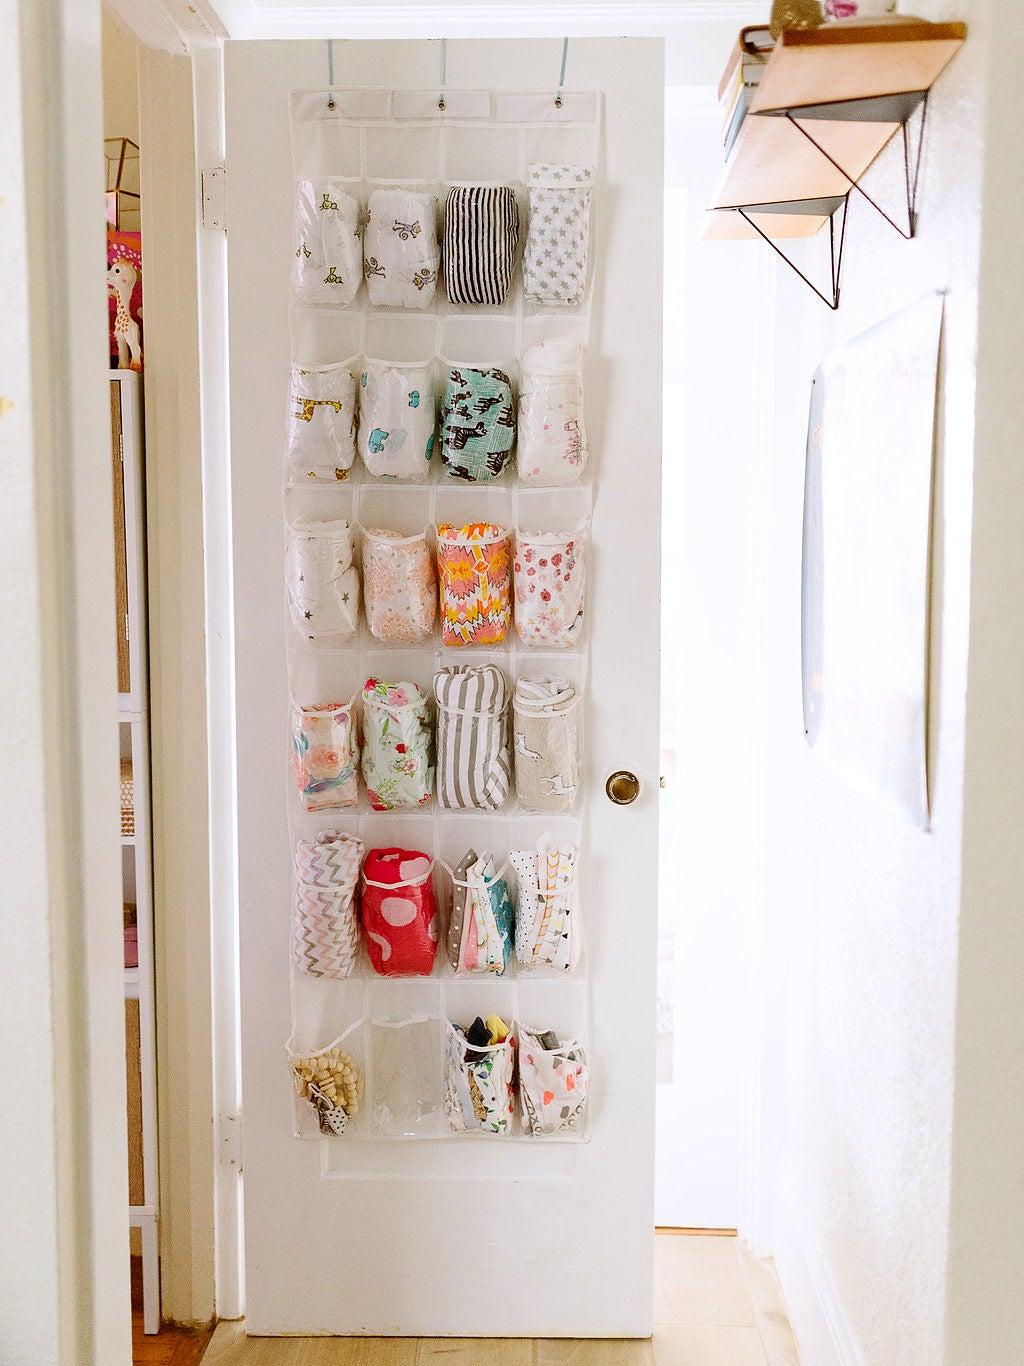 baby clothes hanging in an over the door shoe rack on the door